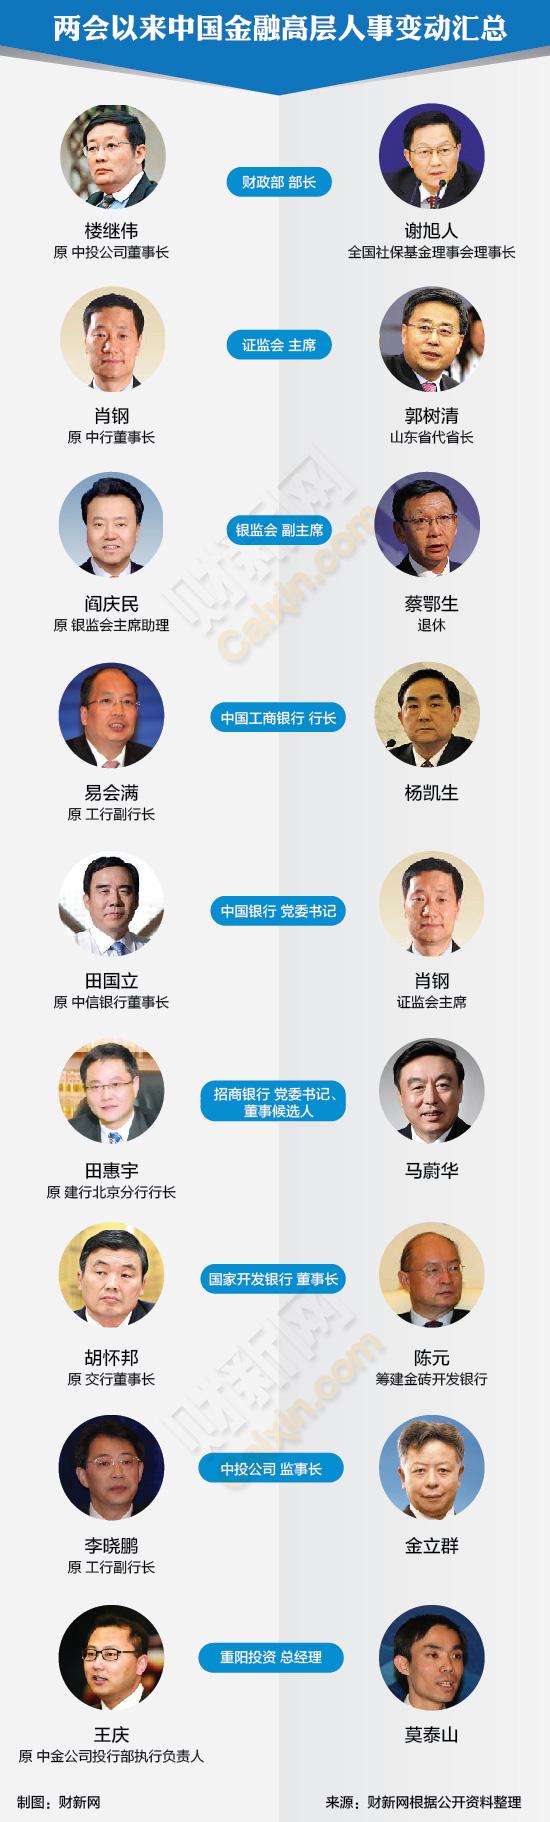 目前中投公司,中信银行等大型金融机构领导职位出现